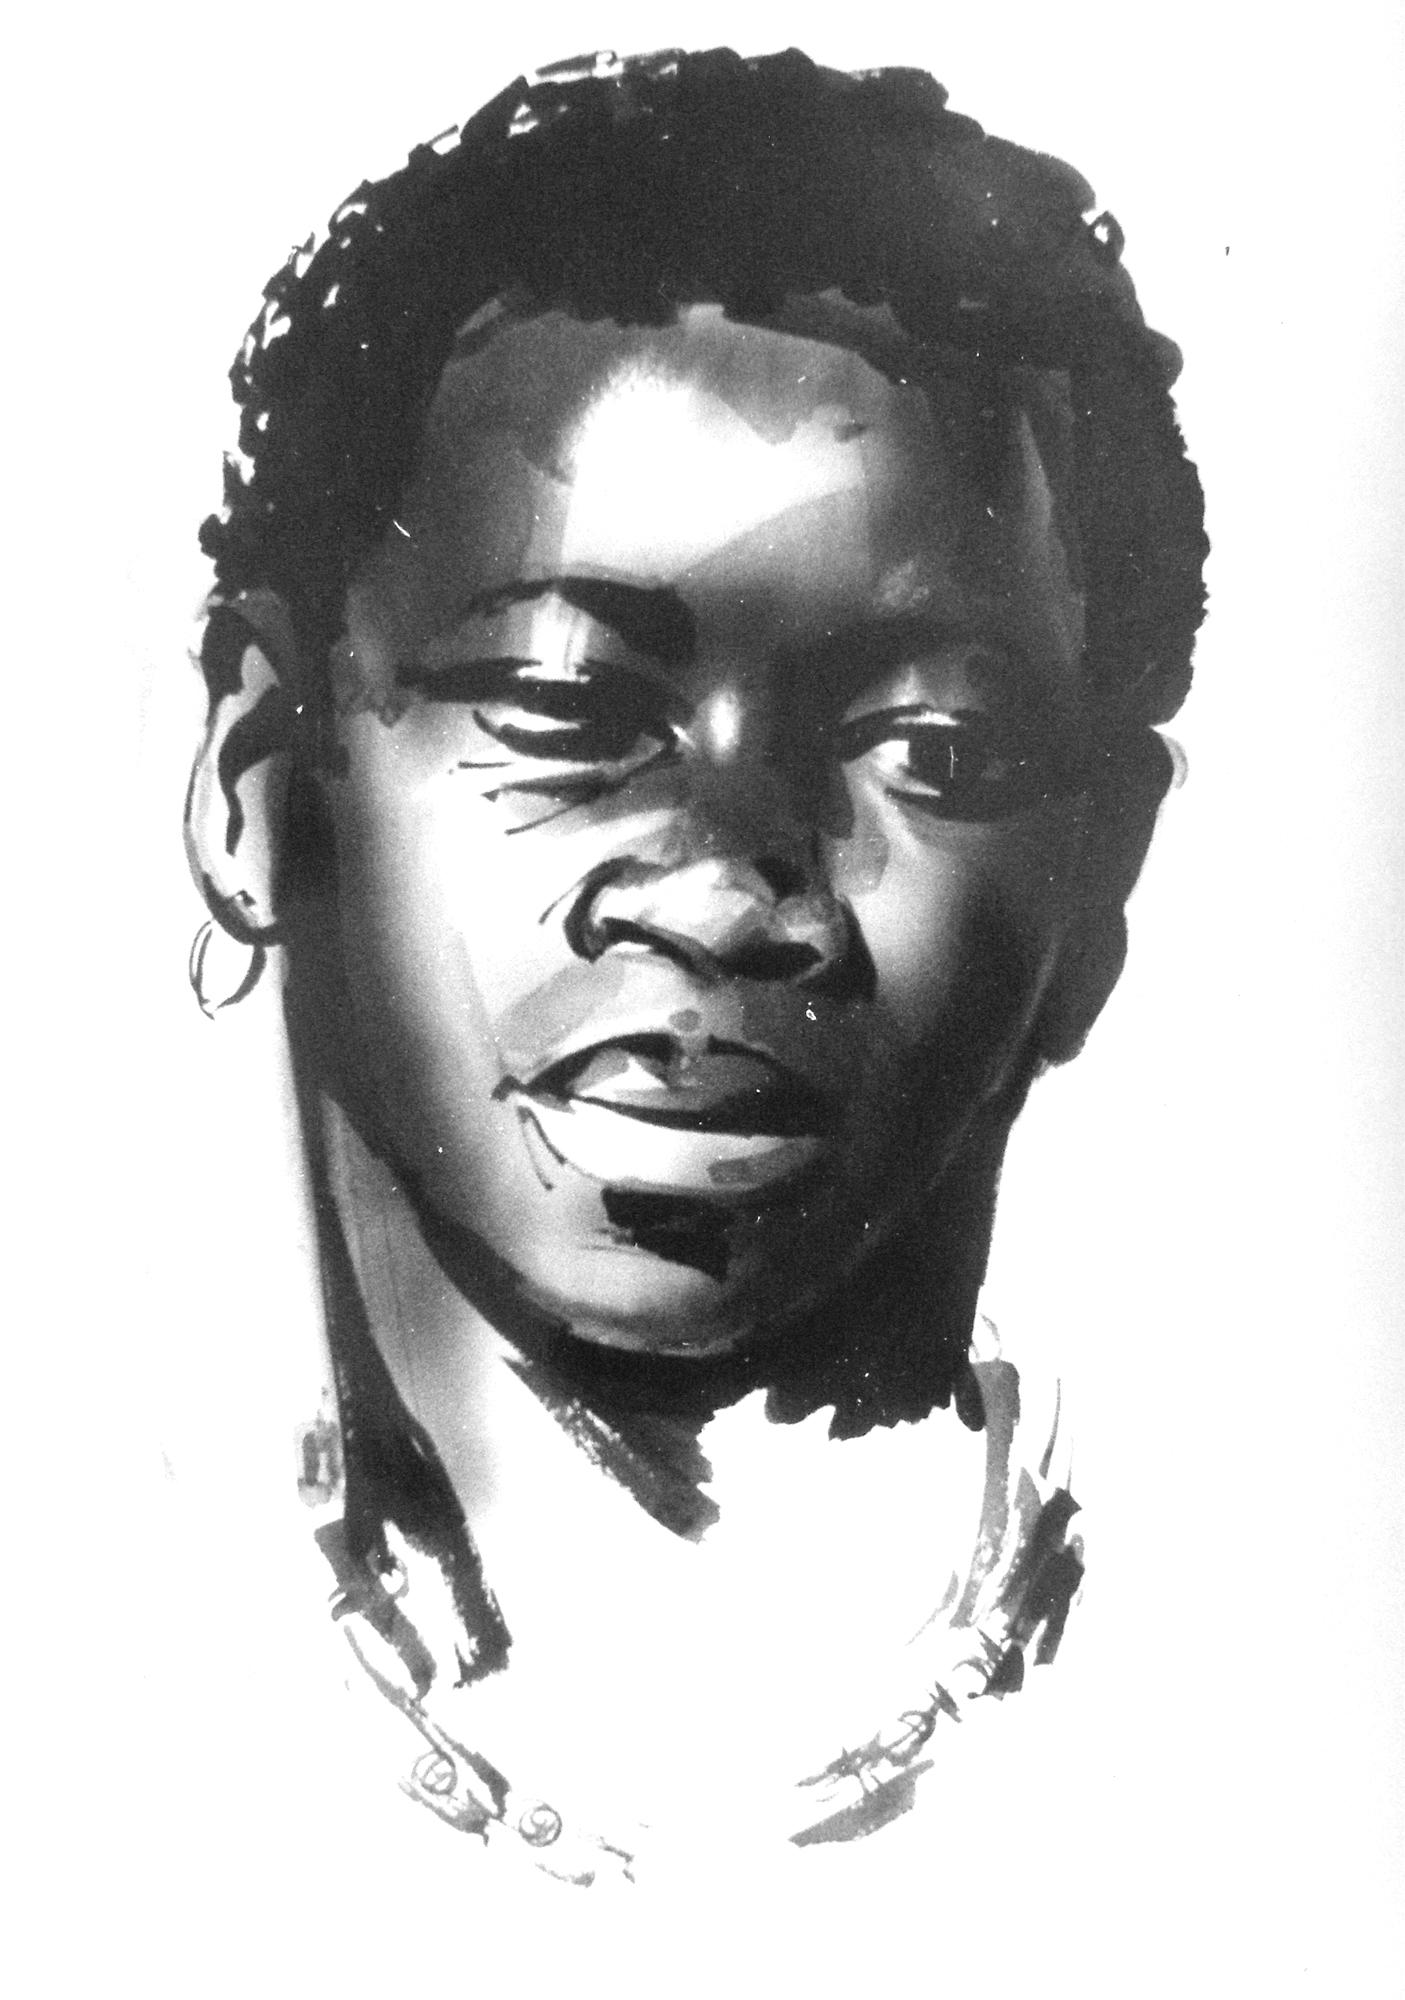 Africa_Portrait_by_Sergei_Minin_Paper_Ink_56x38cm